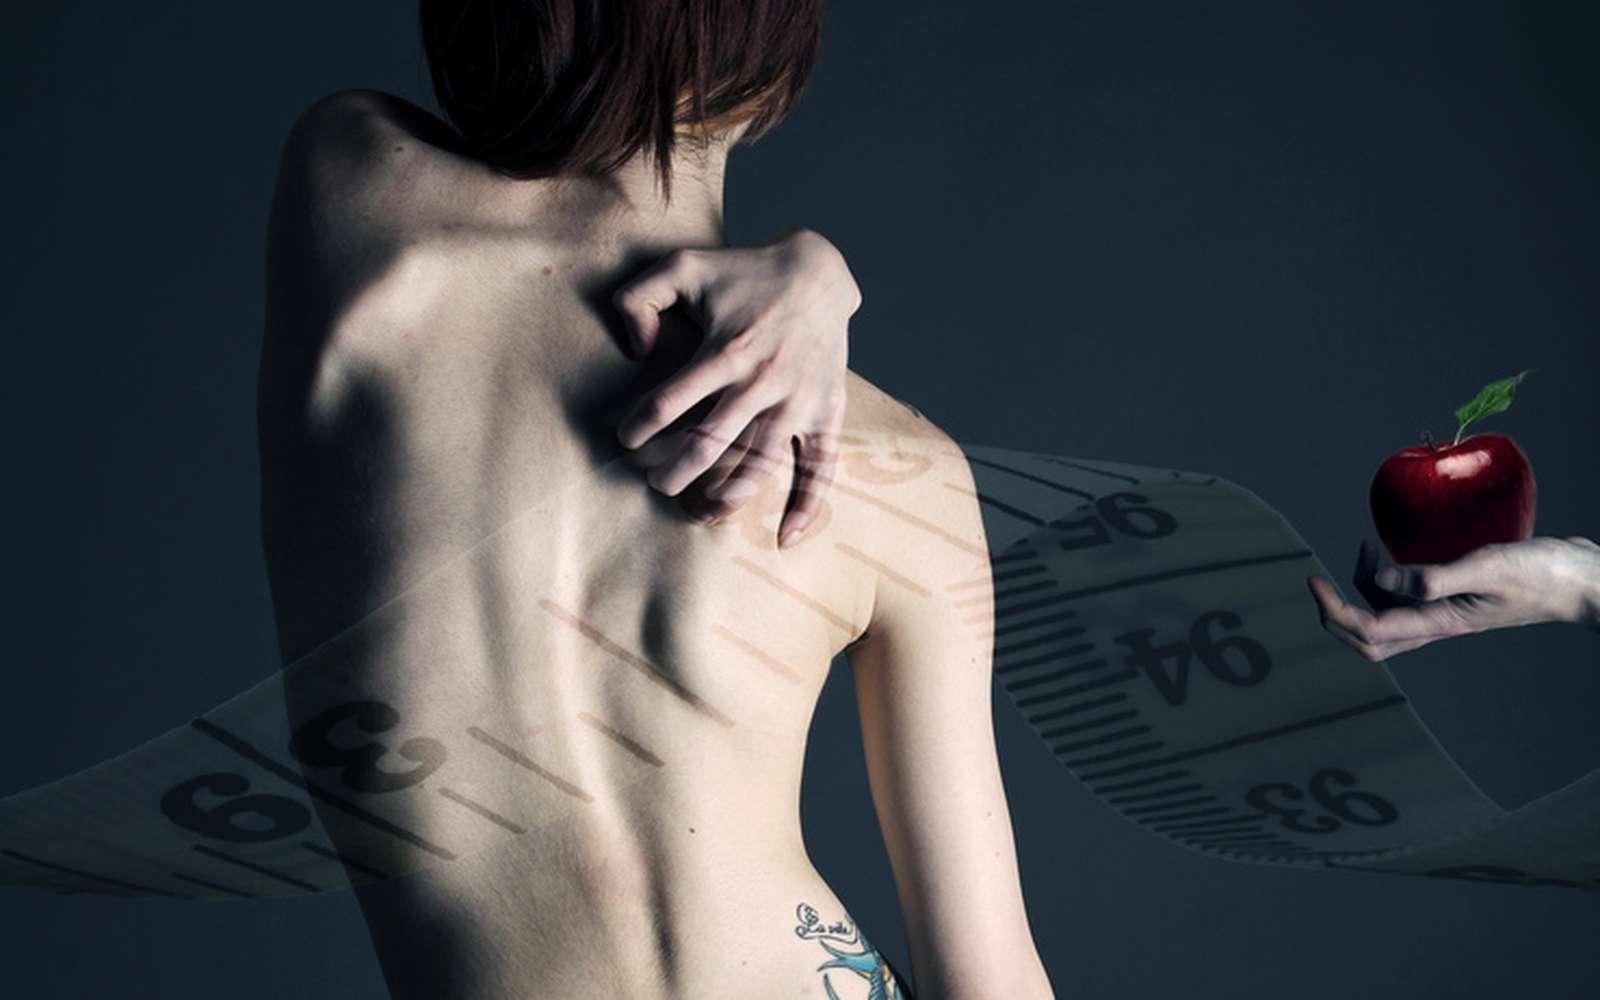 L'anorexie mentale s'accompagne de souffrances et d'un mal-être profond, caractérisés par un sentiment omniprésent de surpoids. Elle touche environ 1 % de la population, majoritairement des jeunes filles. La psychothérapie serait un traitement efficace contre cette maladie. © JohannaDoePhoto, Flickr, by nc sa 2.0